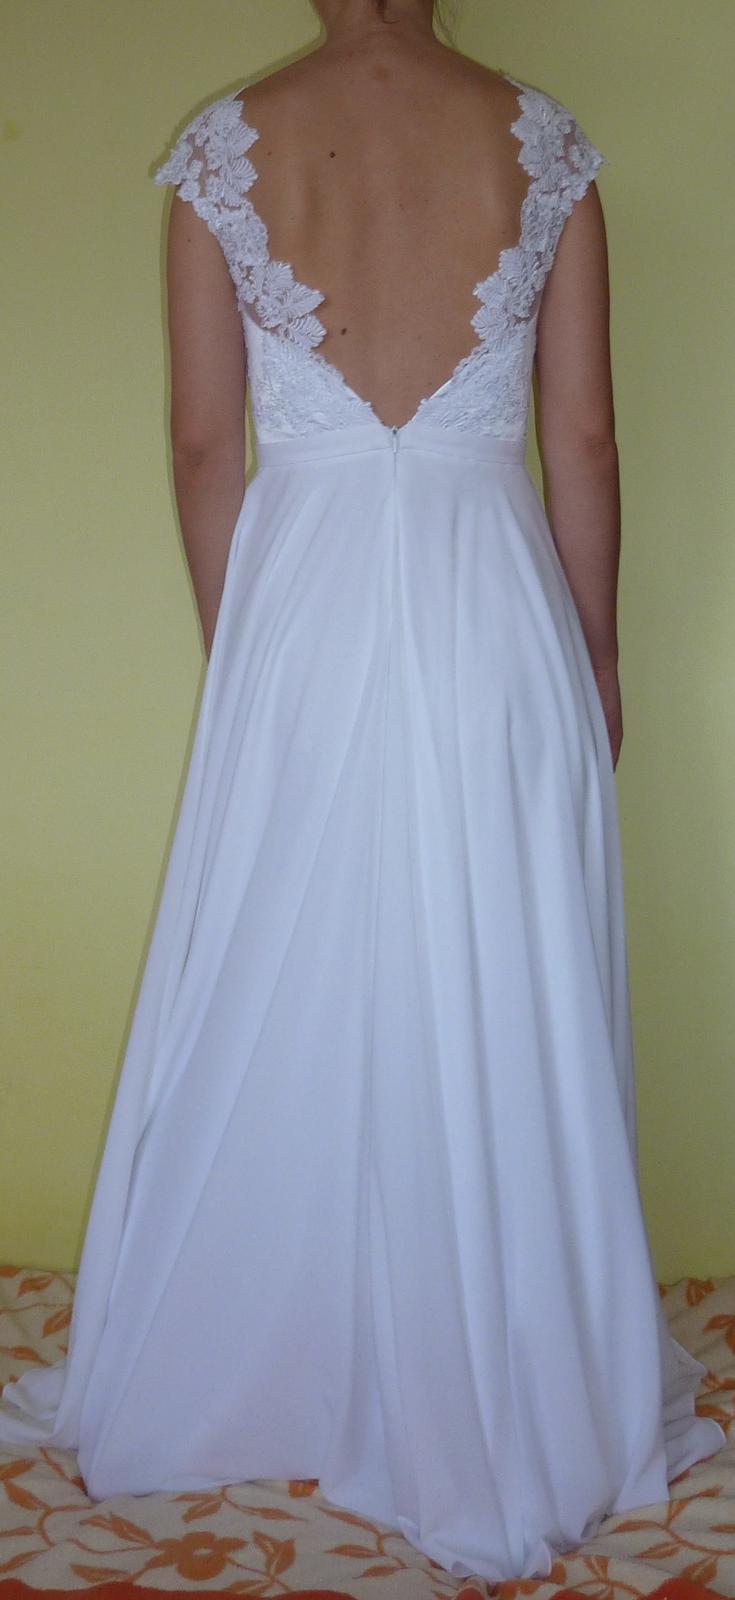 Svadobné šaty veľkosť 38 - Obrázok č. 4